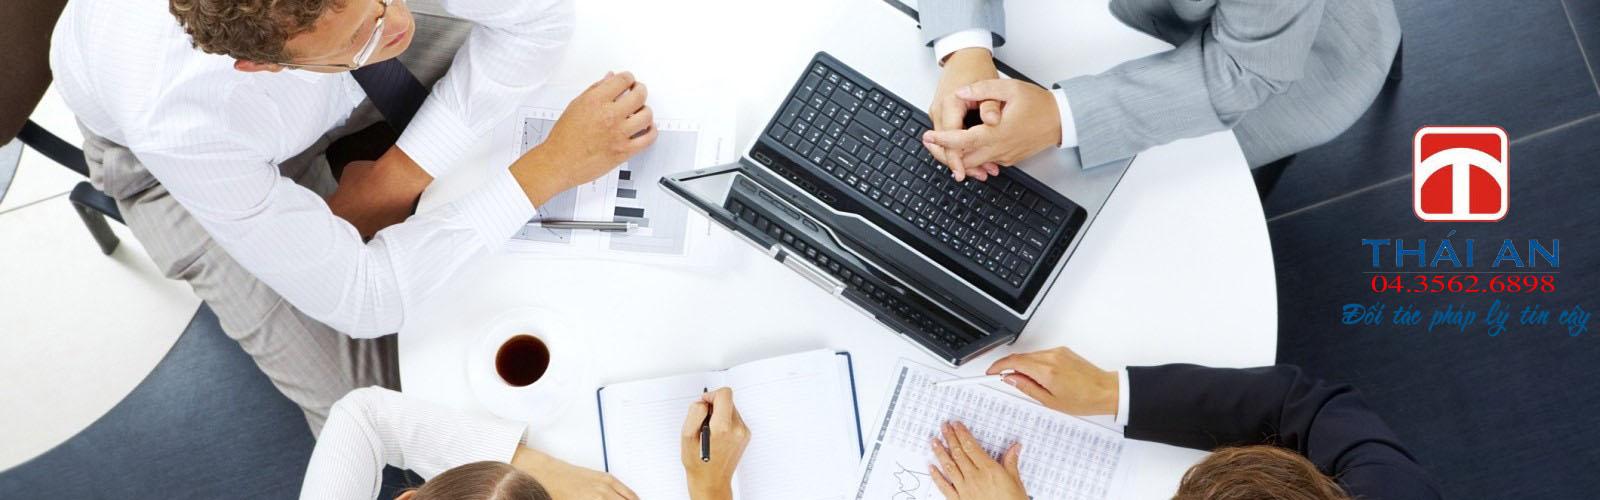 Công ty TNHH 1 thành viên và doanh nghiệp tư nhân